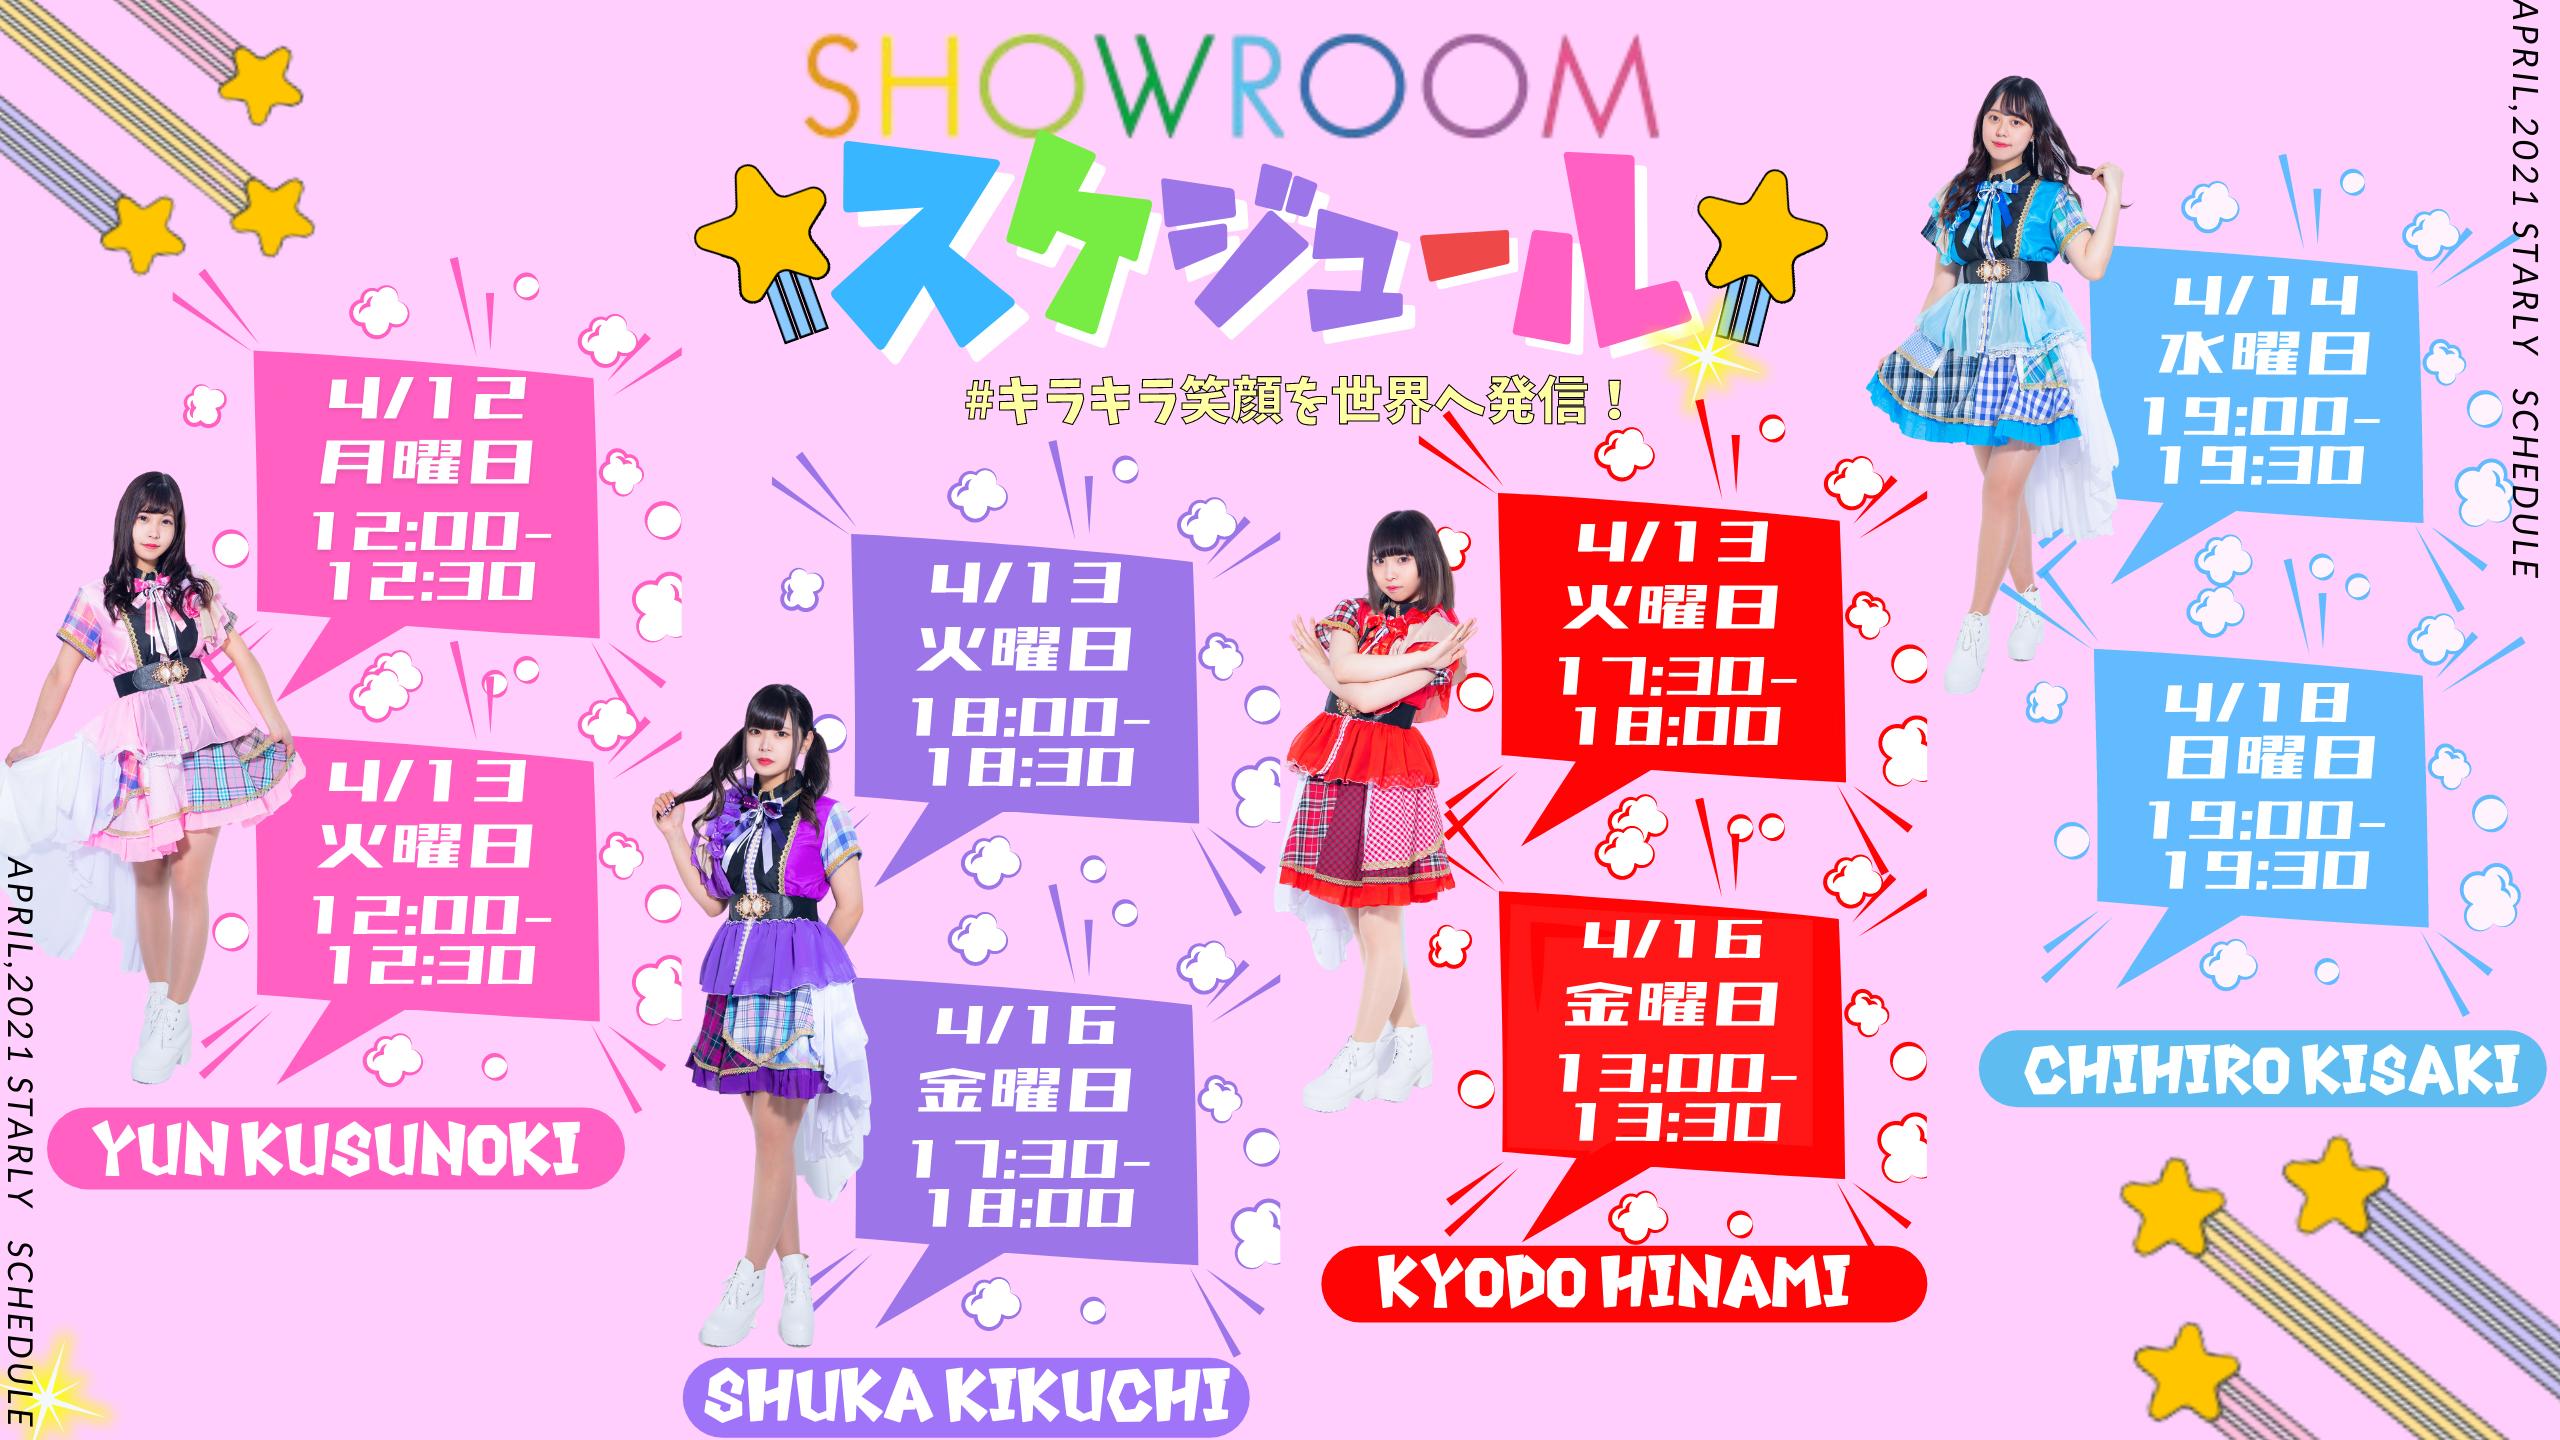 【SHOWROOM 週間スケジュール】